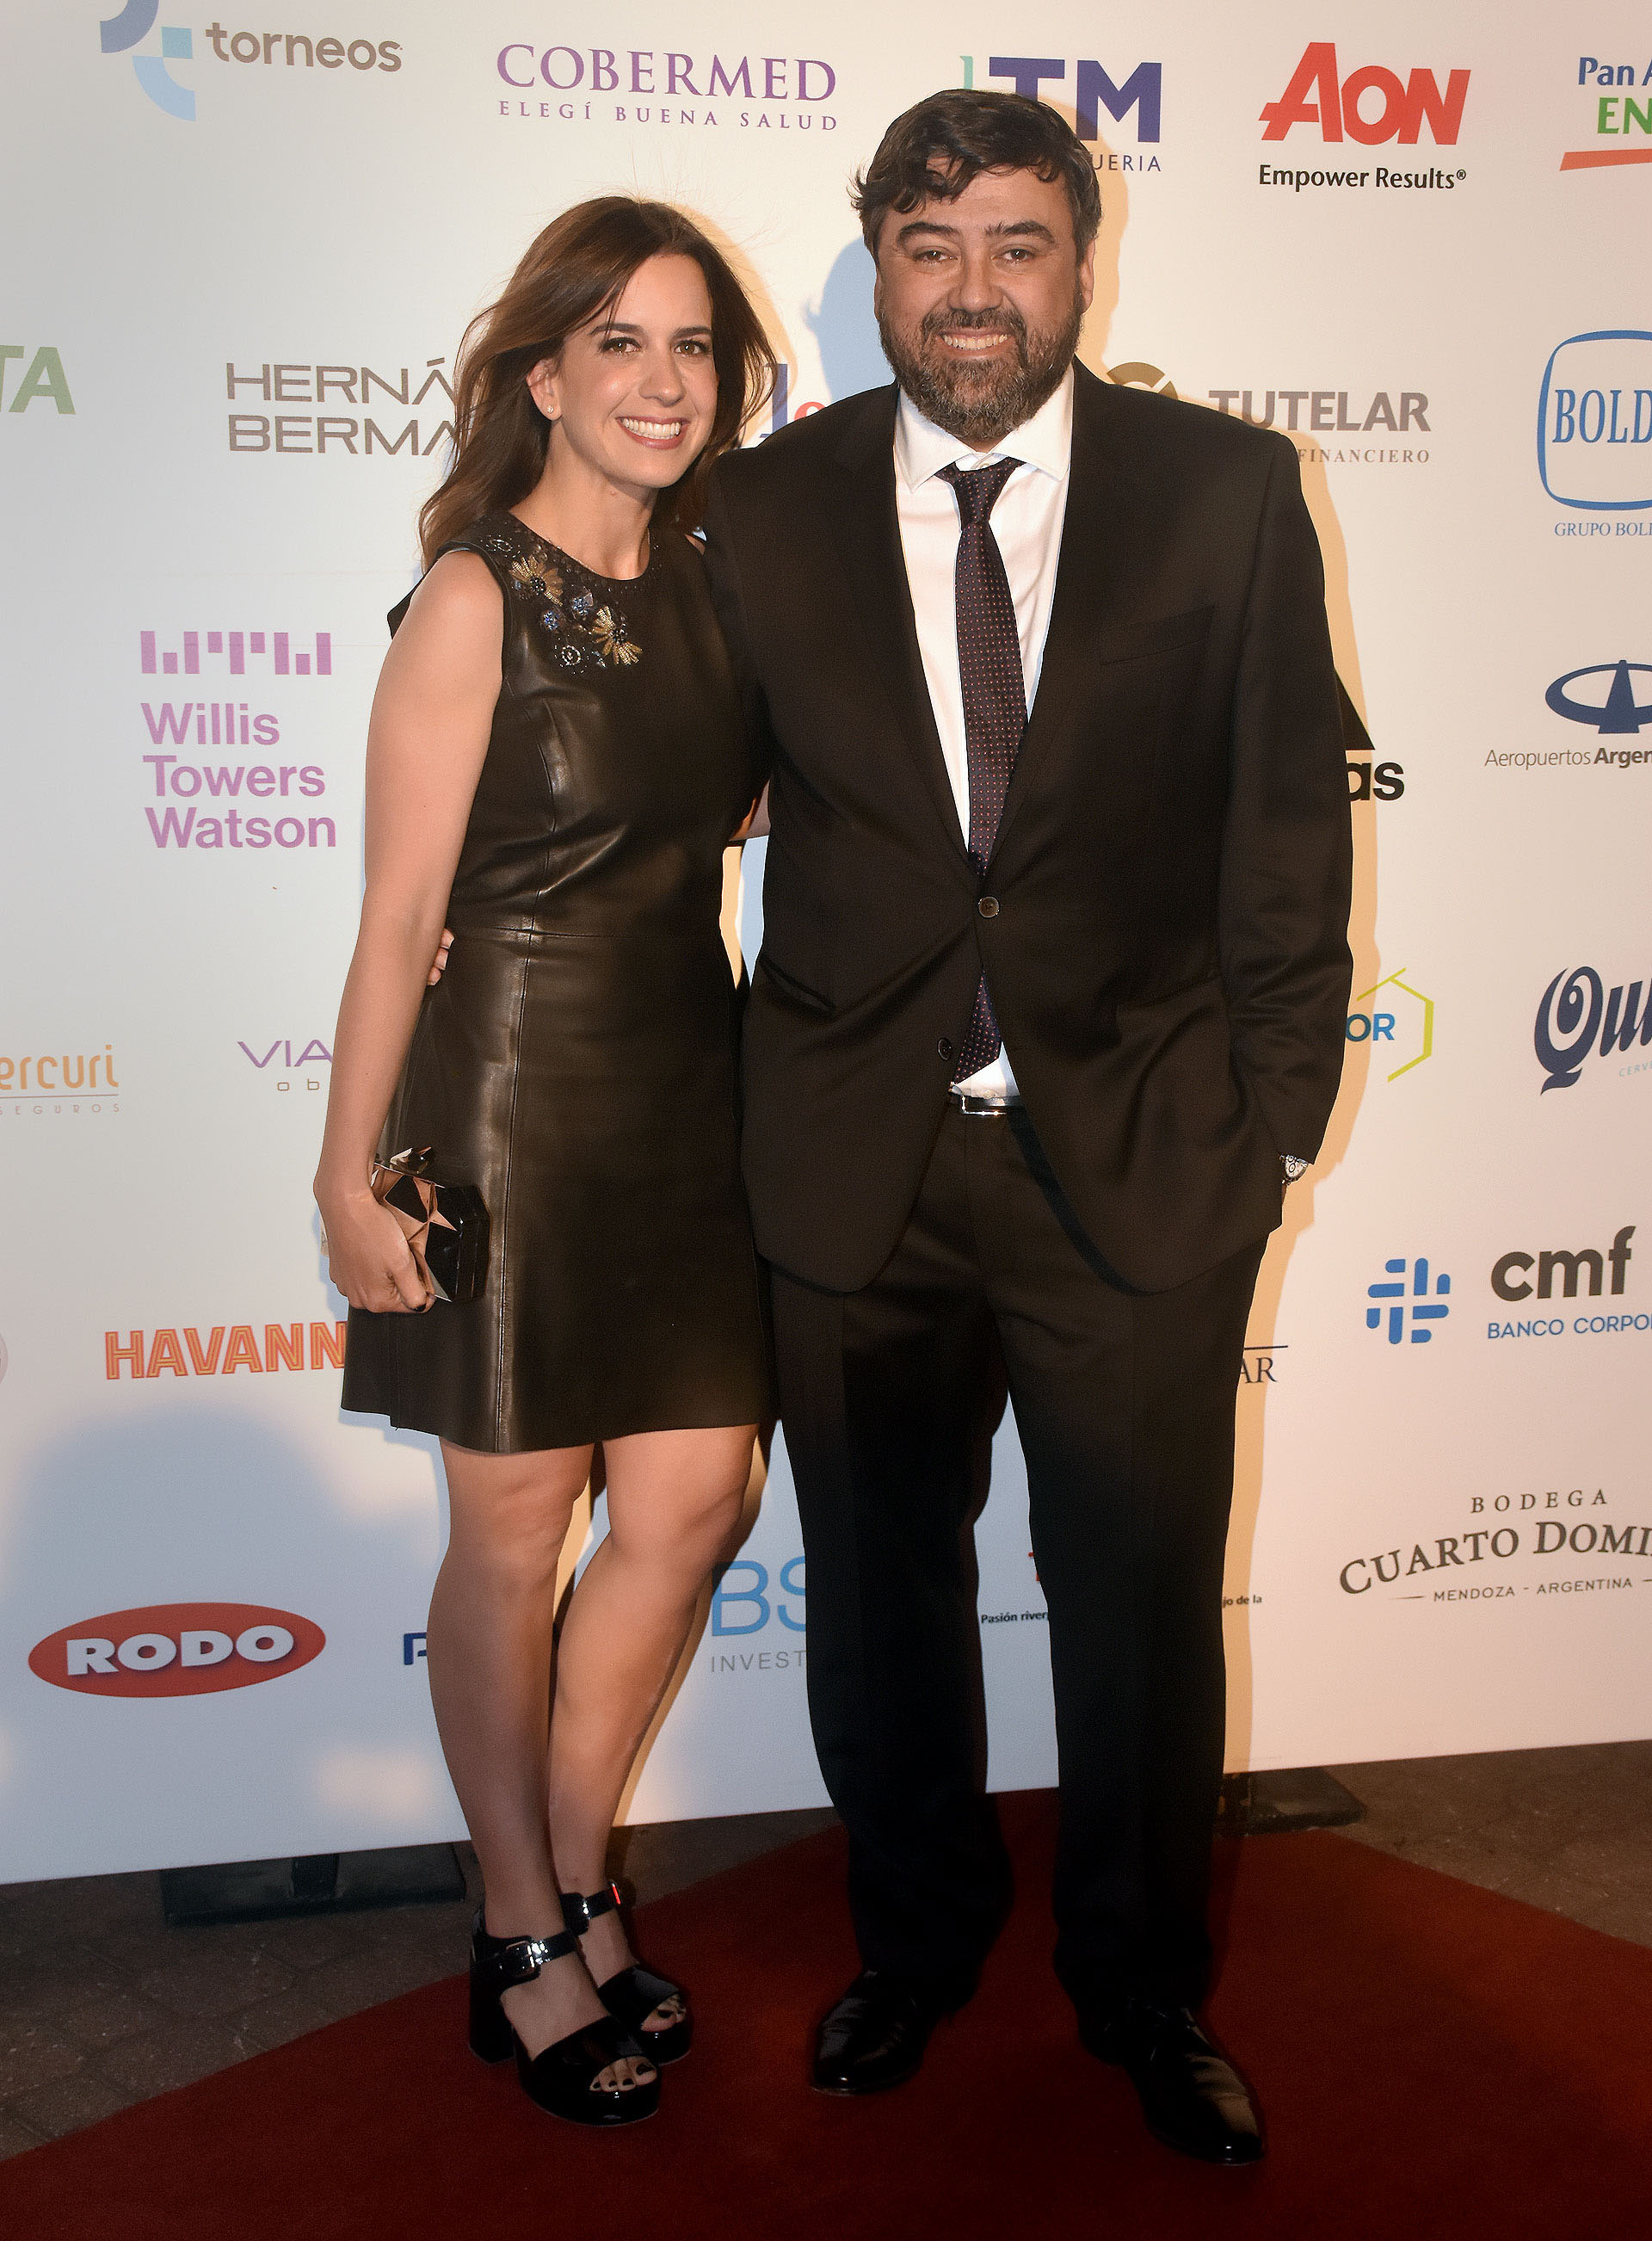 Juan Cruz Ávila y su mujer María Guastavino